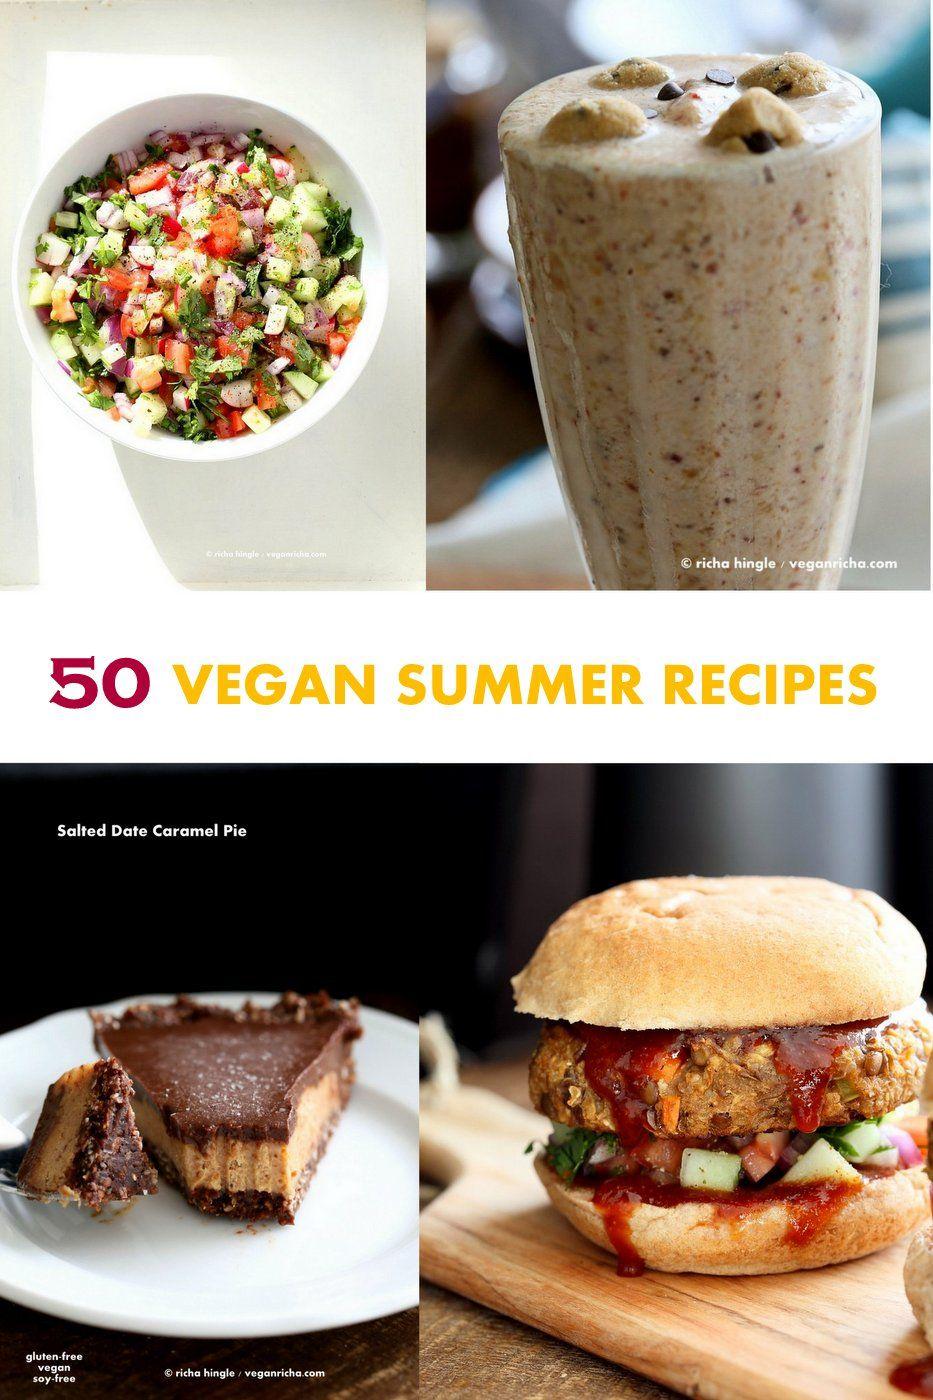 60 Vegan Summer Recipes For Barbecue Grilling Potlucks